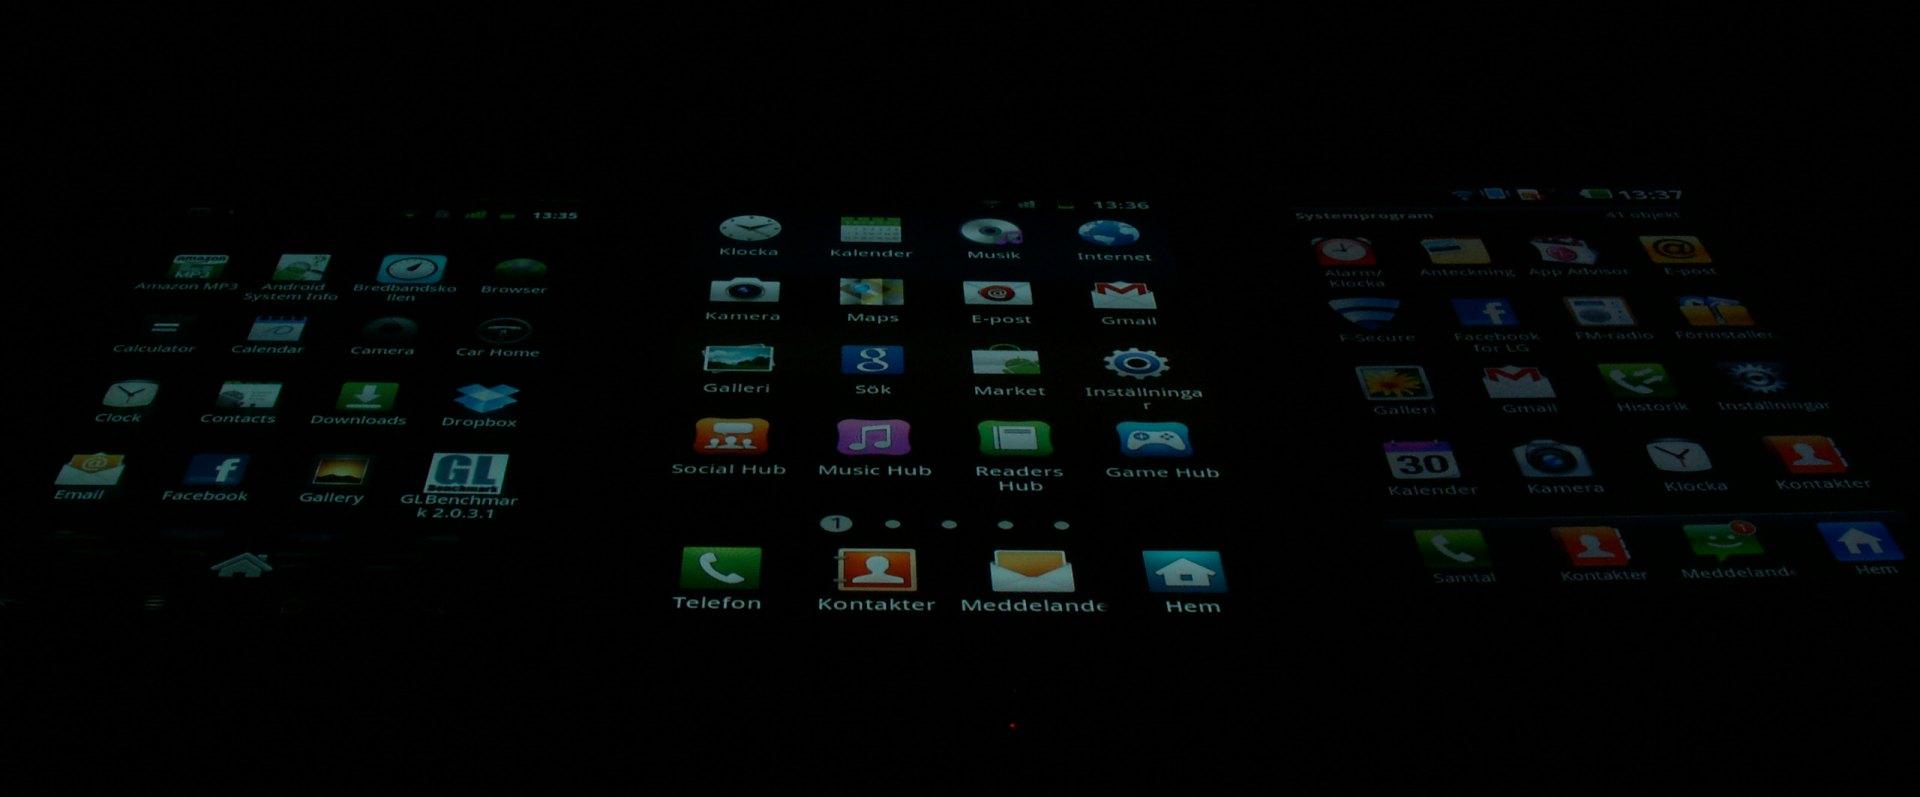 screen.angle